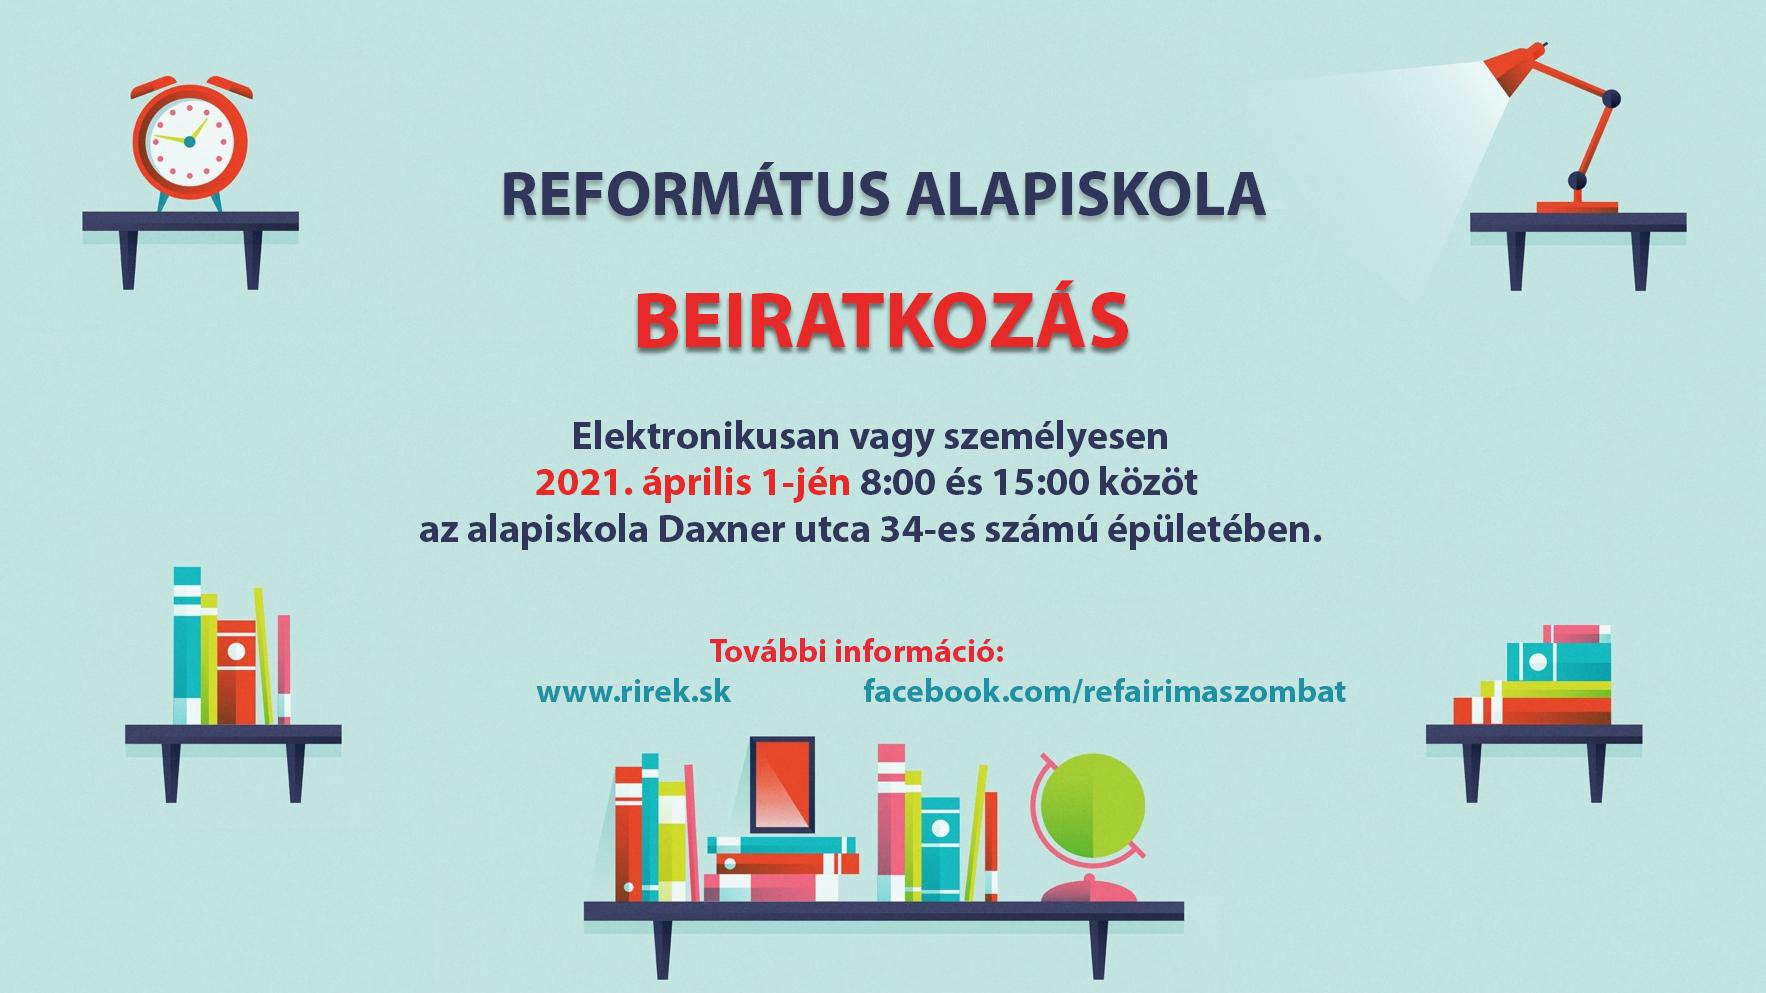 Beiratkozás a Református Alapiskolába